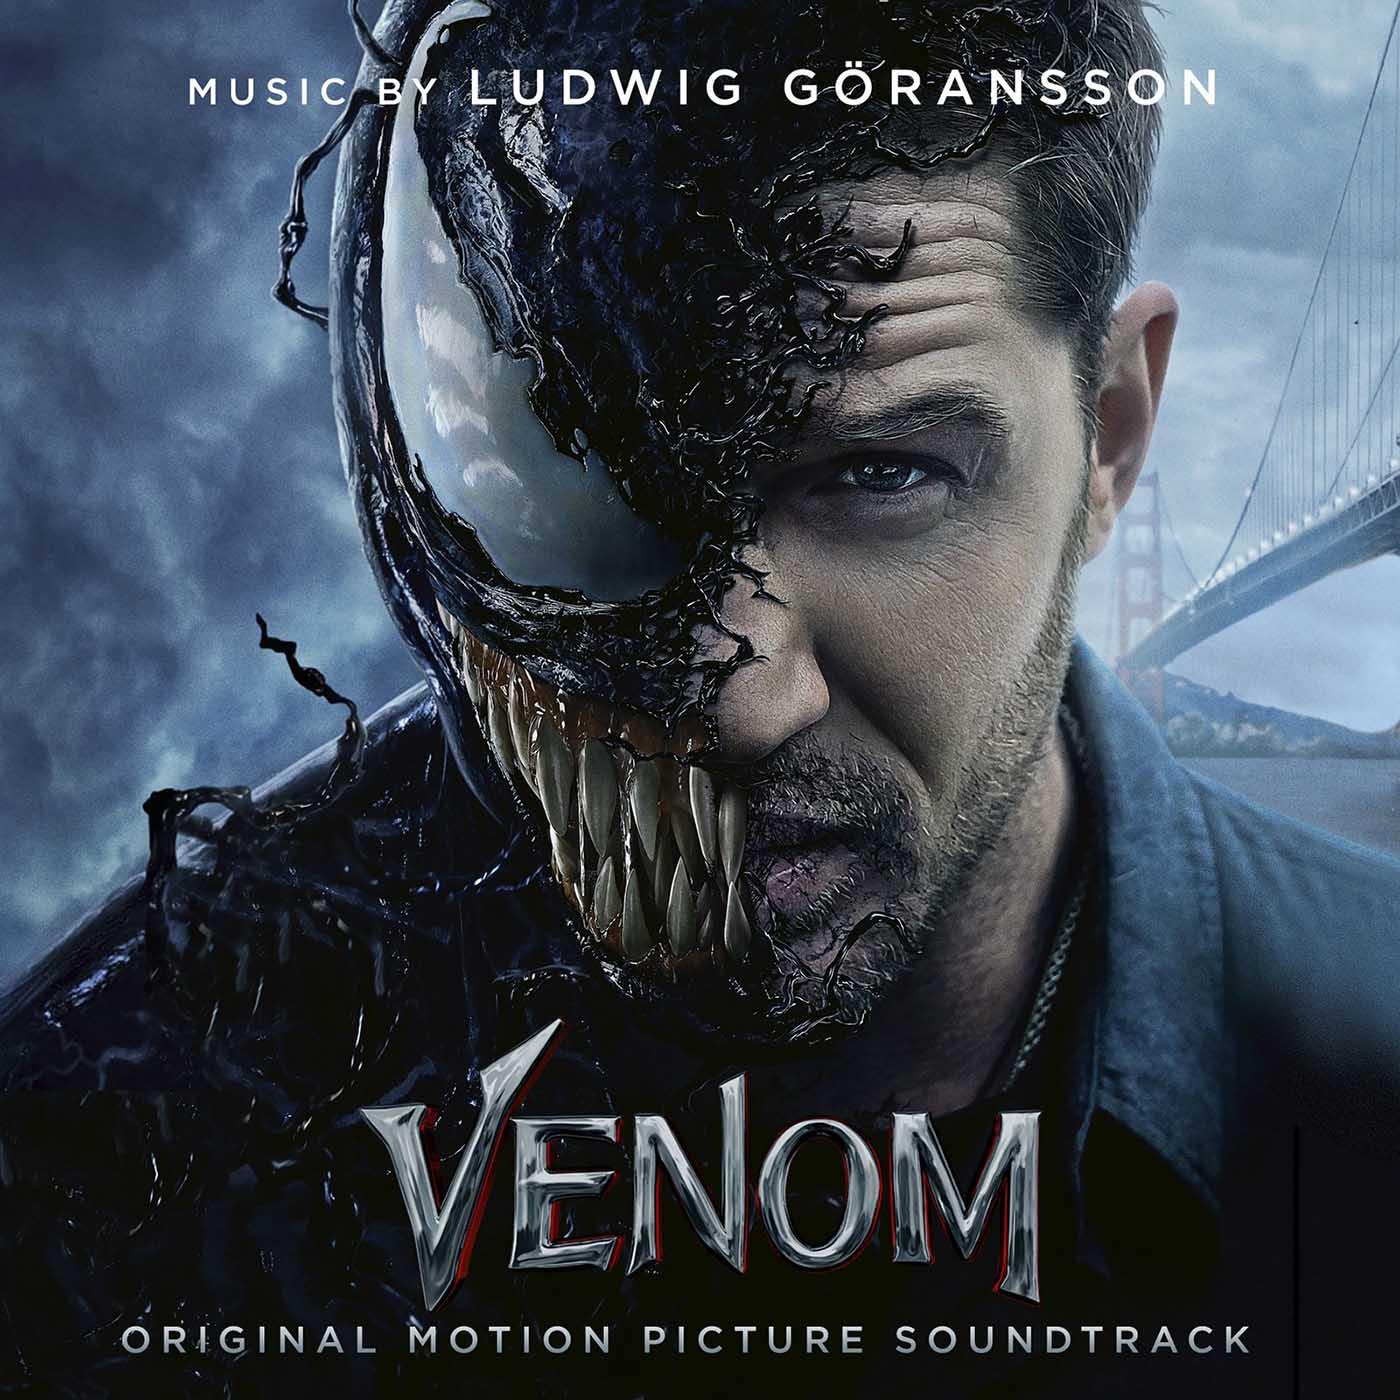 آلبوم موسیقی متن ونوم - Venom